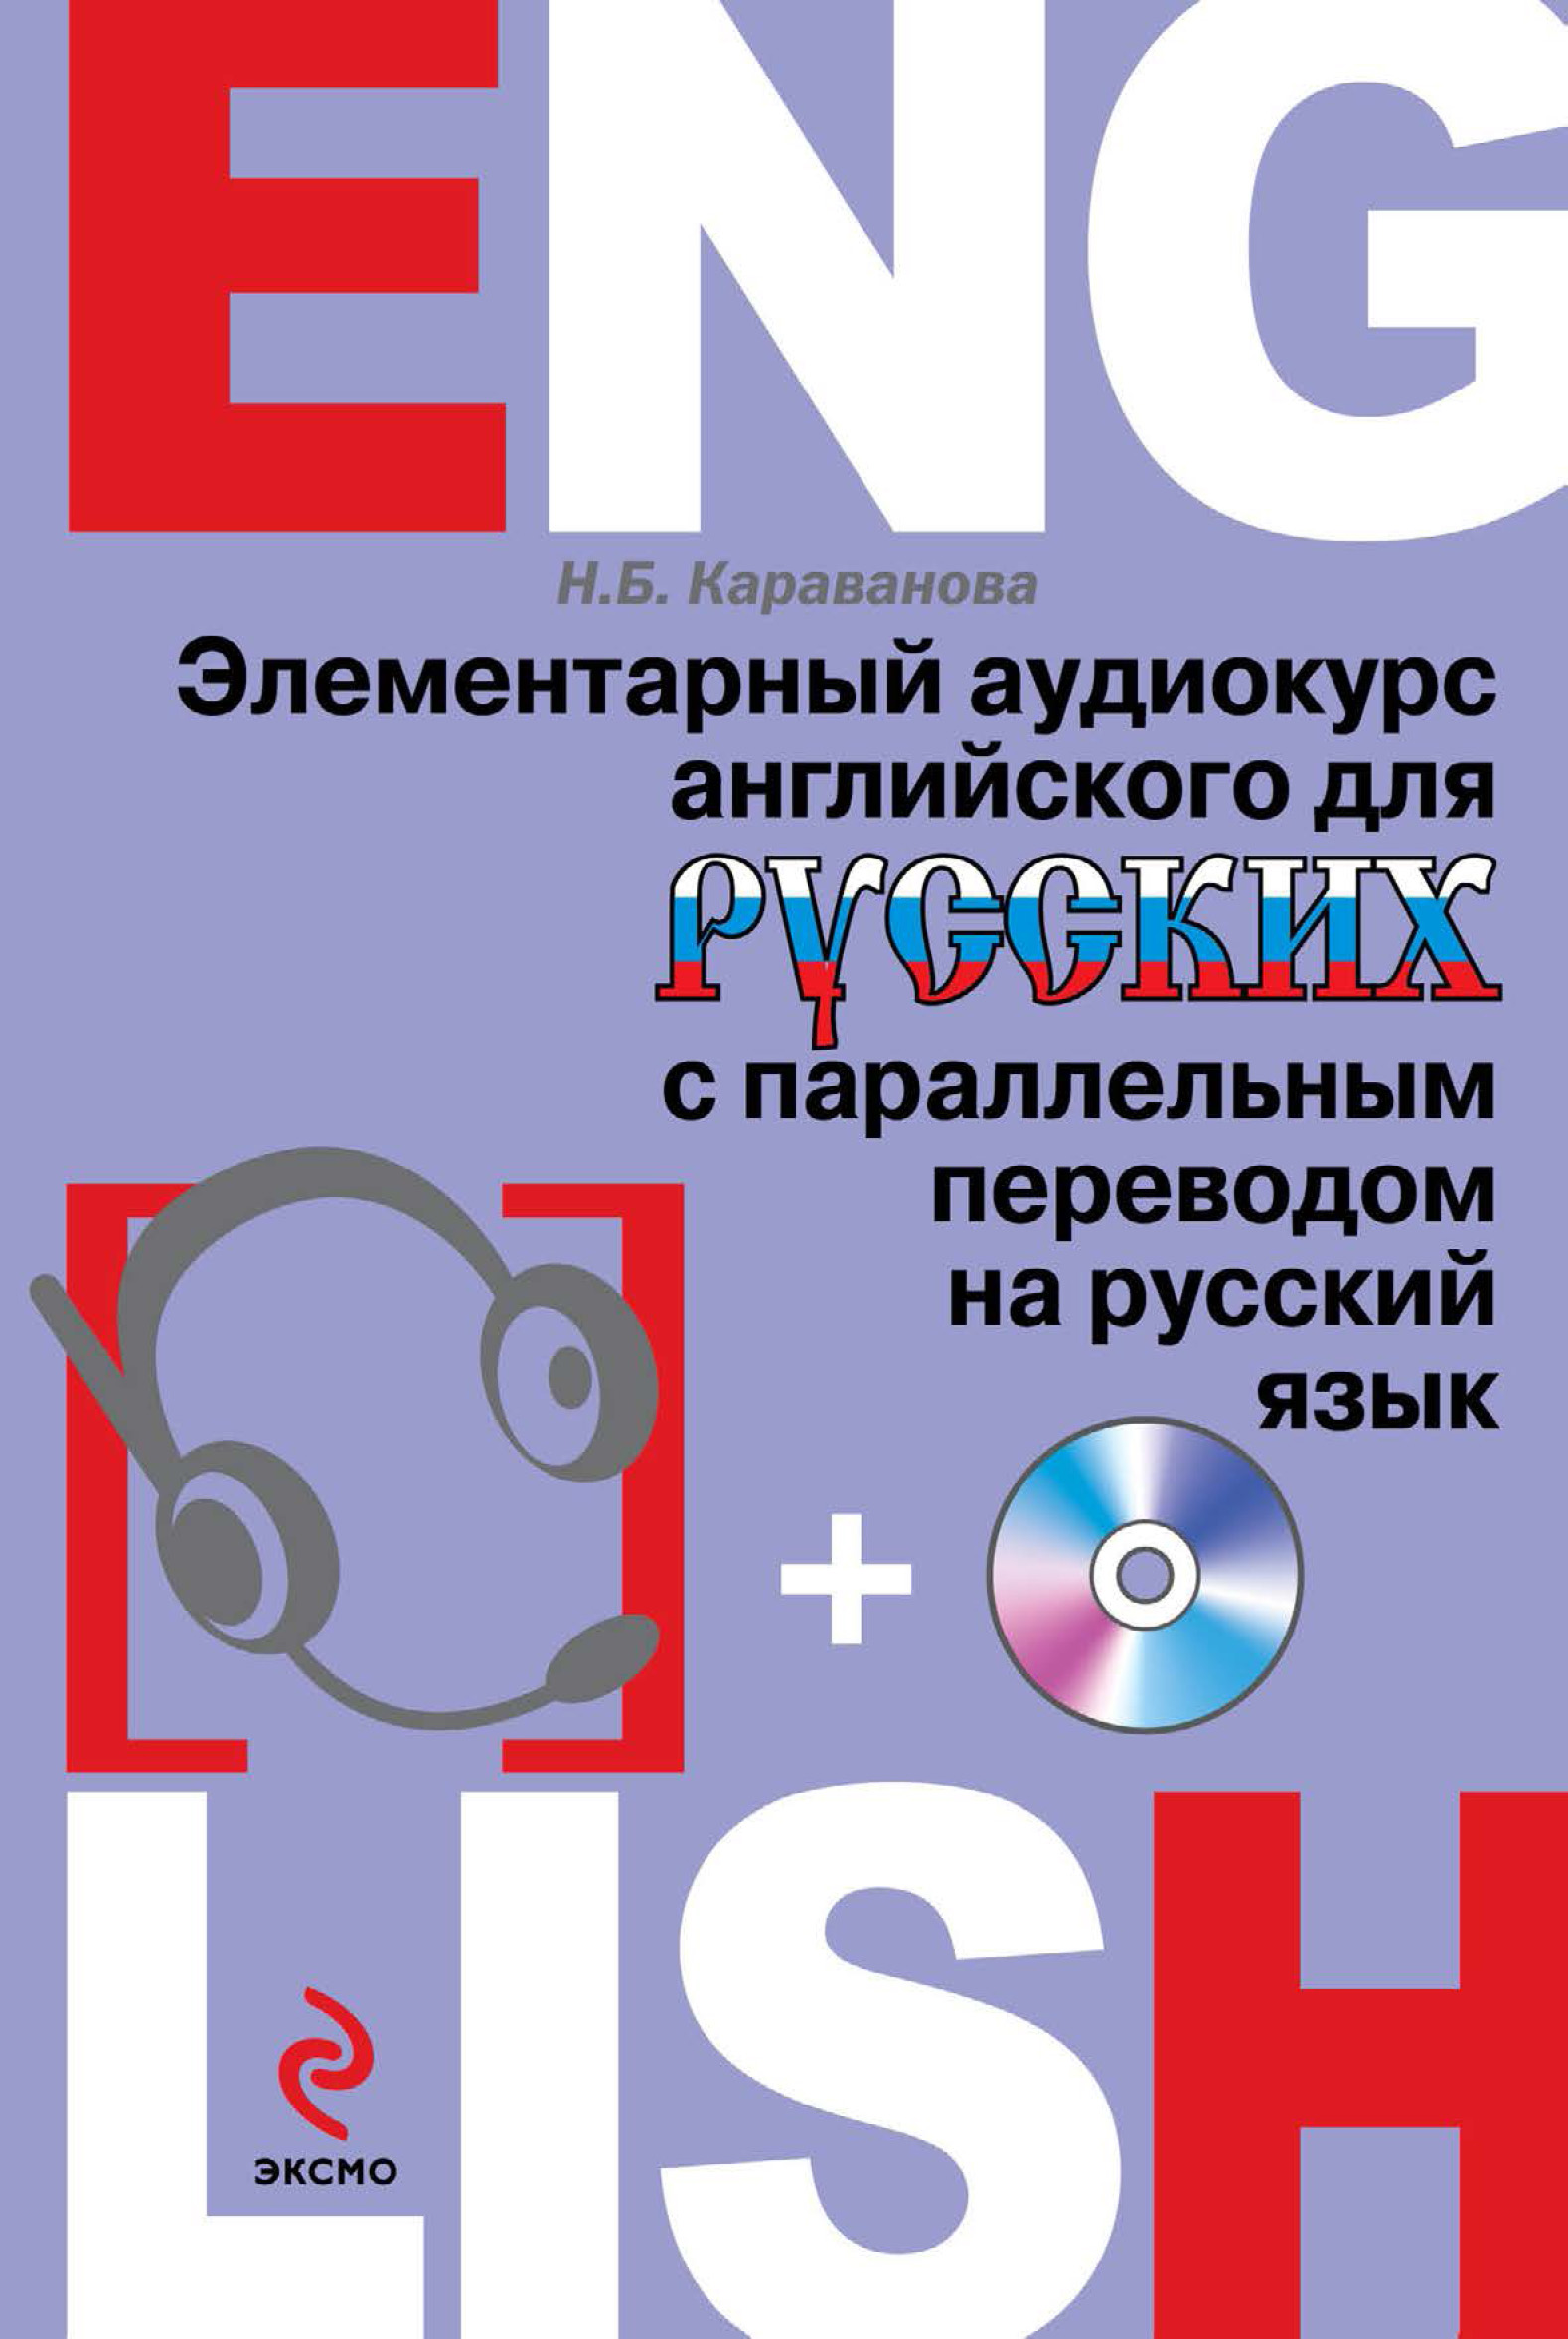 booster перевод с английского на русский